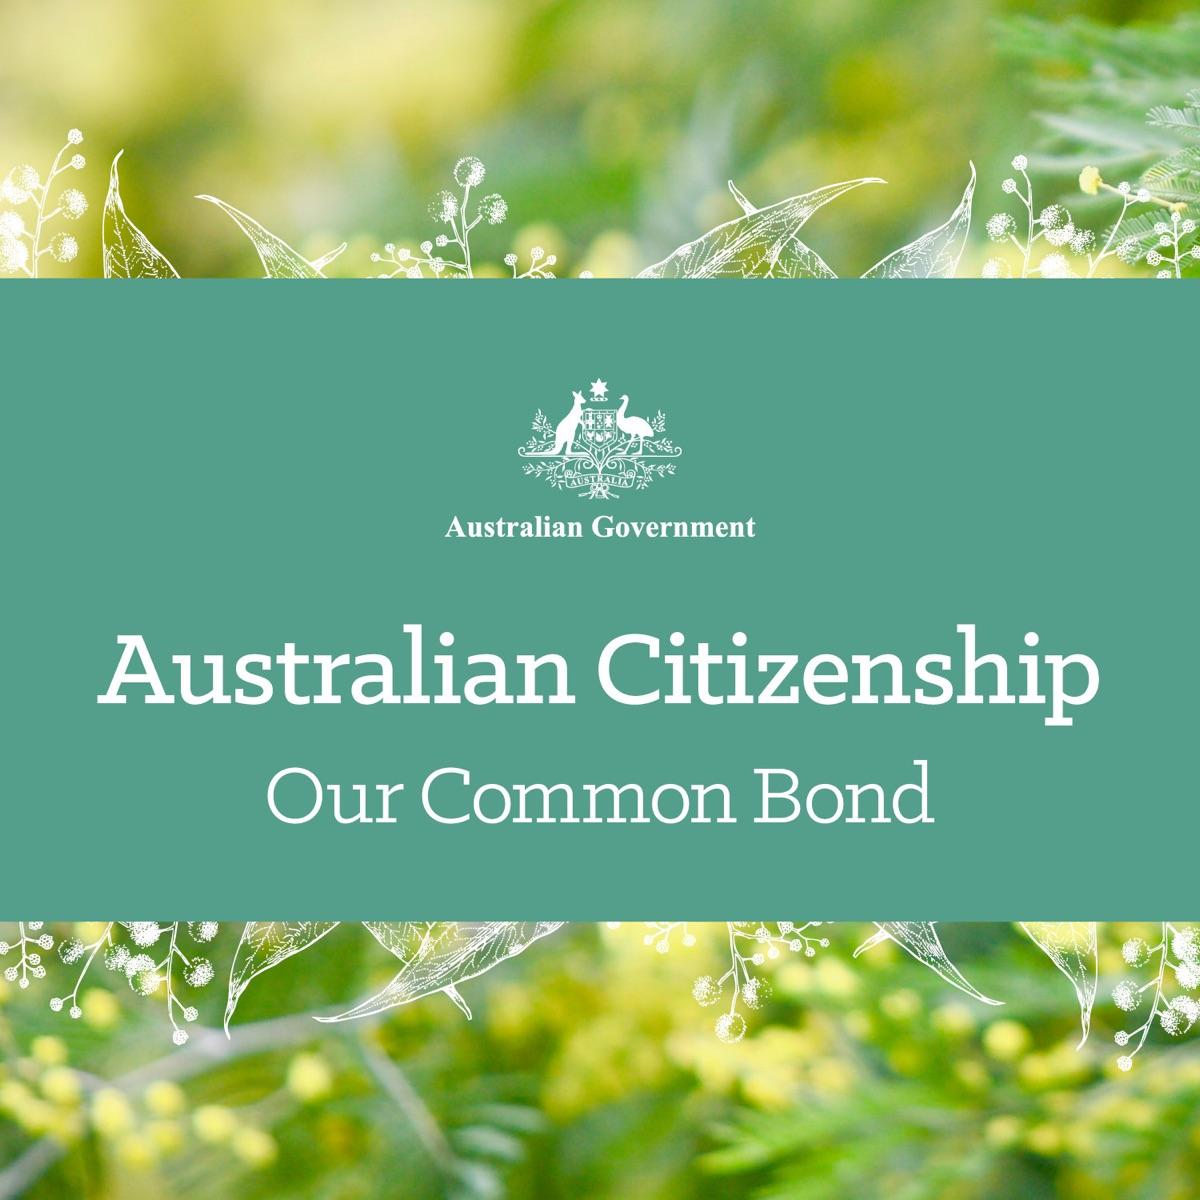 Australian Citizenship - Our Common Bond